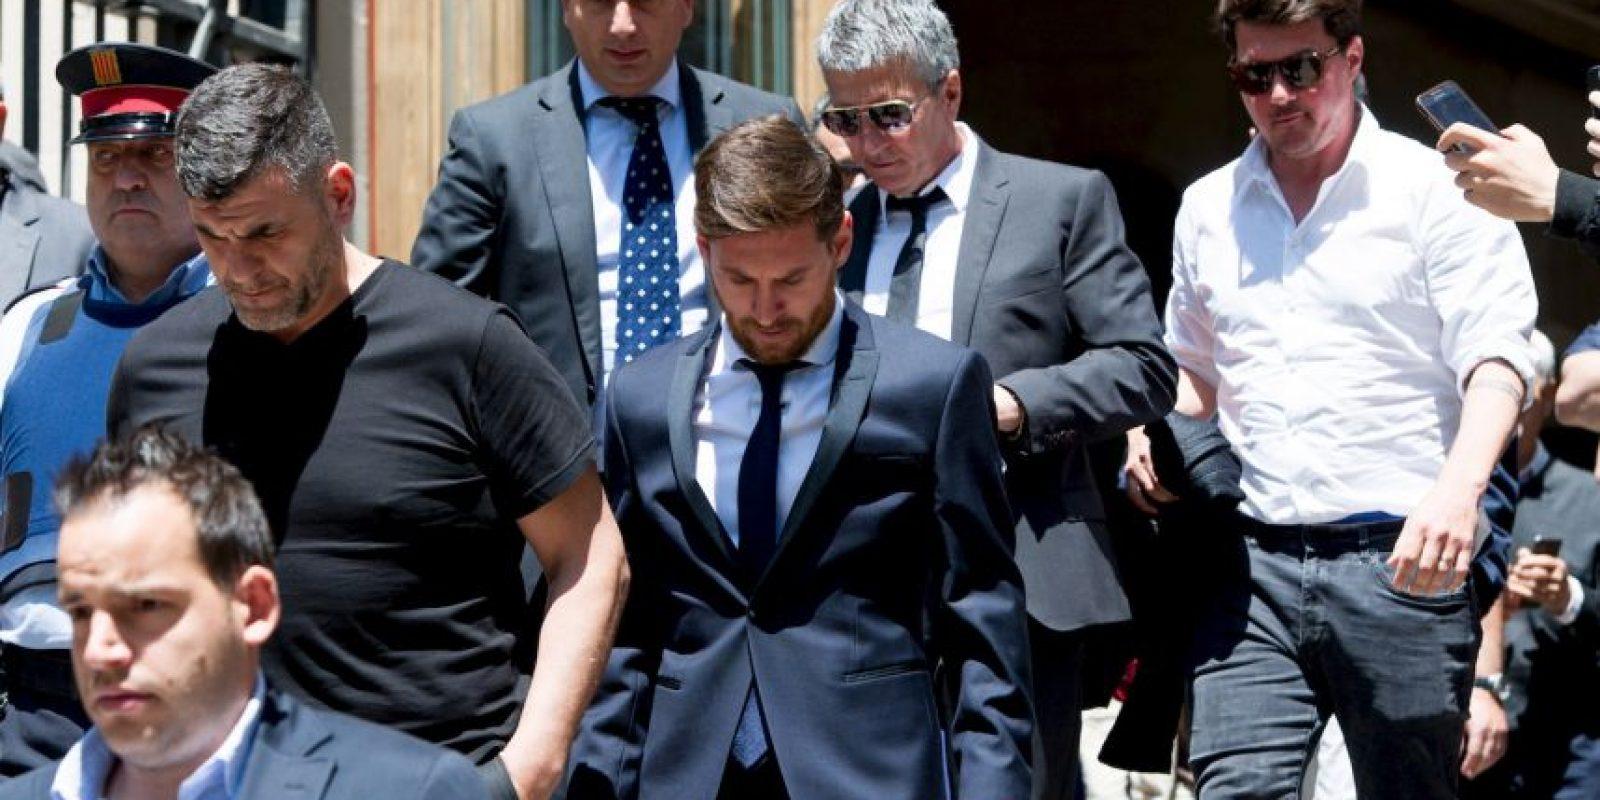 La evasión de impuestos lo obligó a ir a juicio y retrasar su llegada a Estados Unidos para la preparación de Argentina de cara a la Copa América Centenario Foto:Getty Images